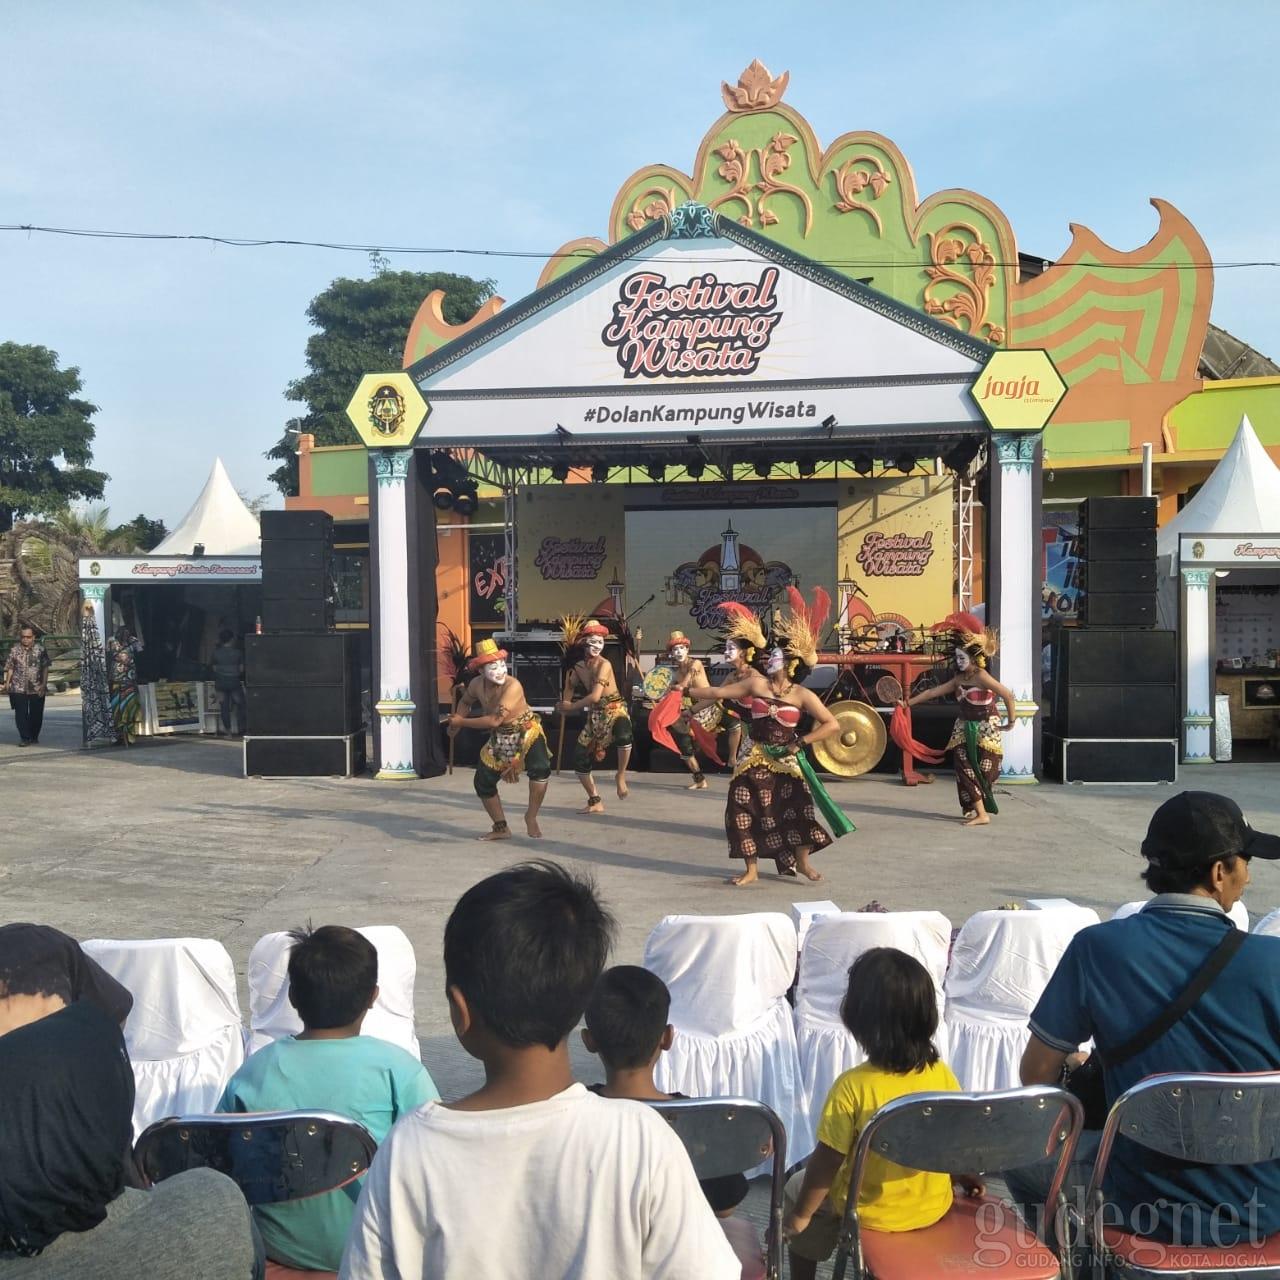 16 Kampung Wisata Unjuk Kebolehan Di Festival Kampung Wisata Yogyakarta Yogya Gudegnet